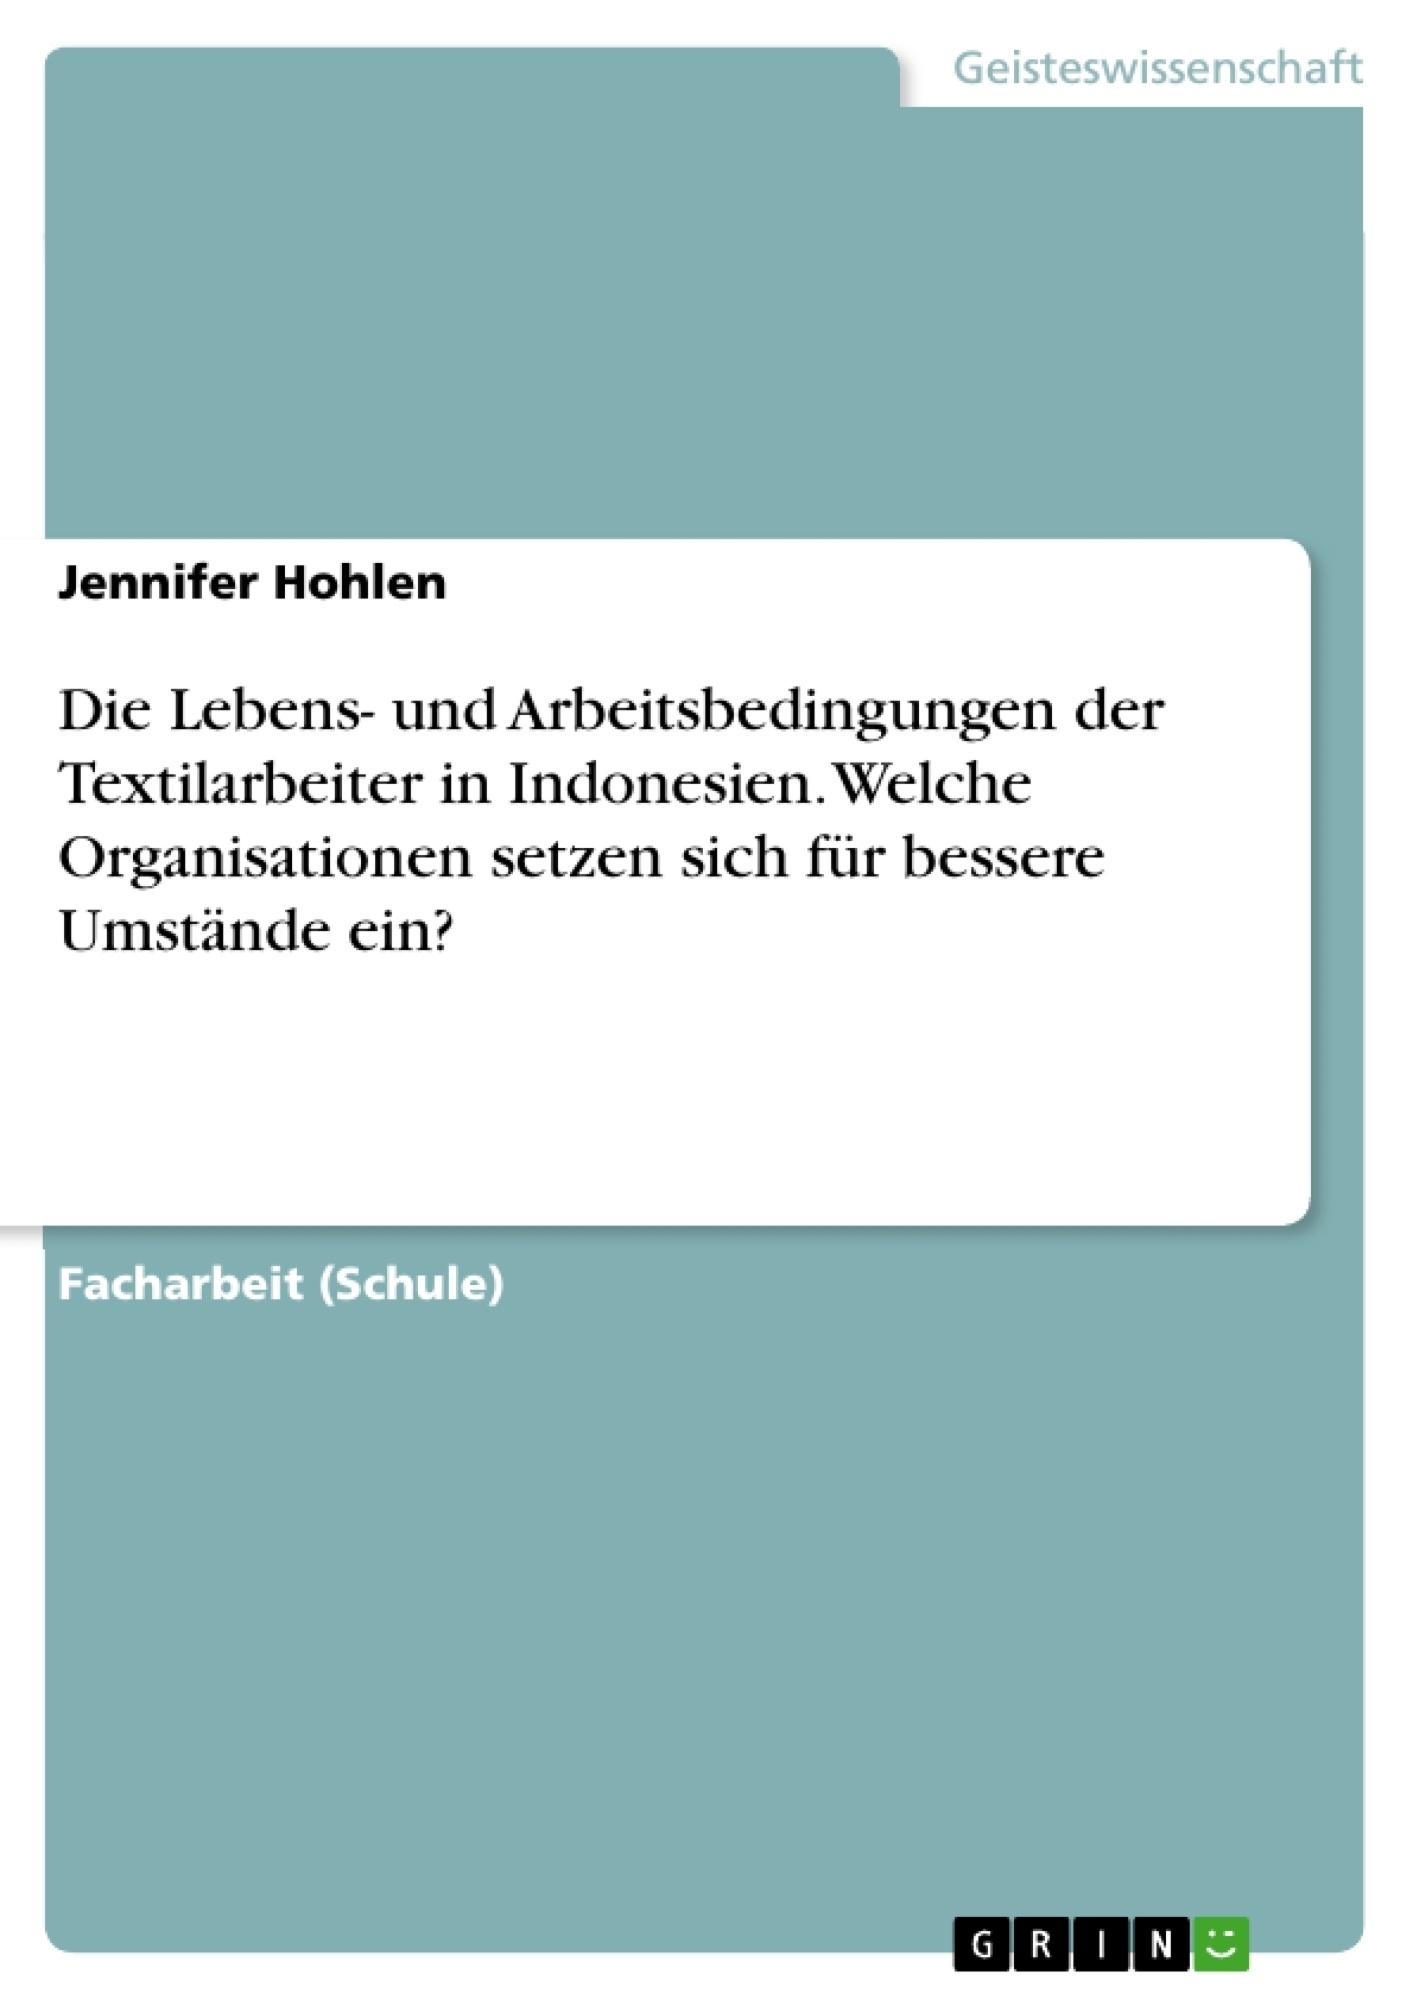 74fc14d2305a41 Die Lebens- und Arbeitsbedingungen der Textilarbeiter in ...